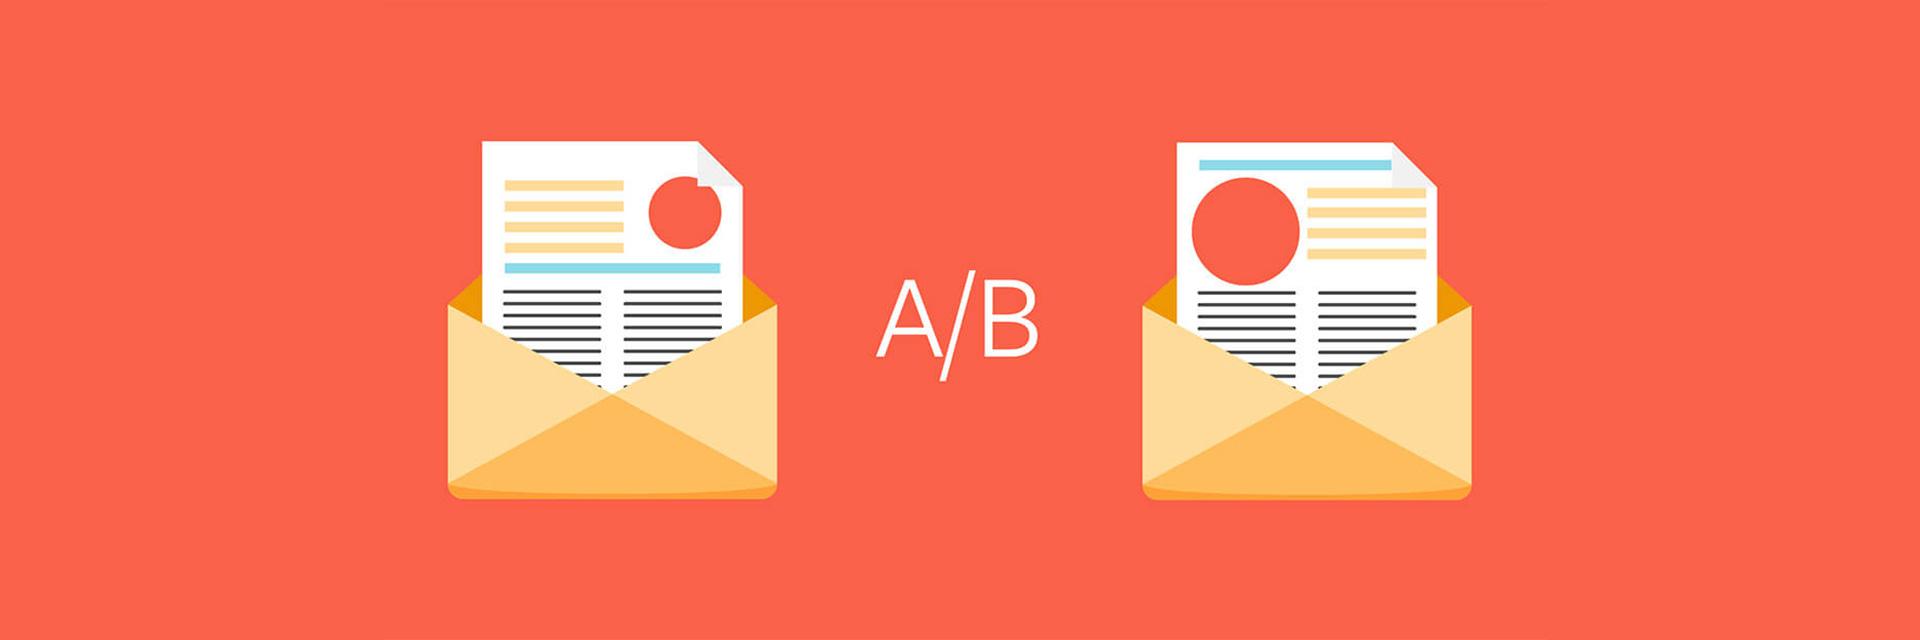 外贸开发信视频:博主亲自一边分析一边改进和优化了一封B2B开发信邮件